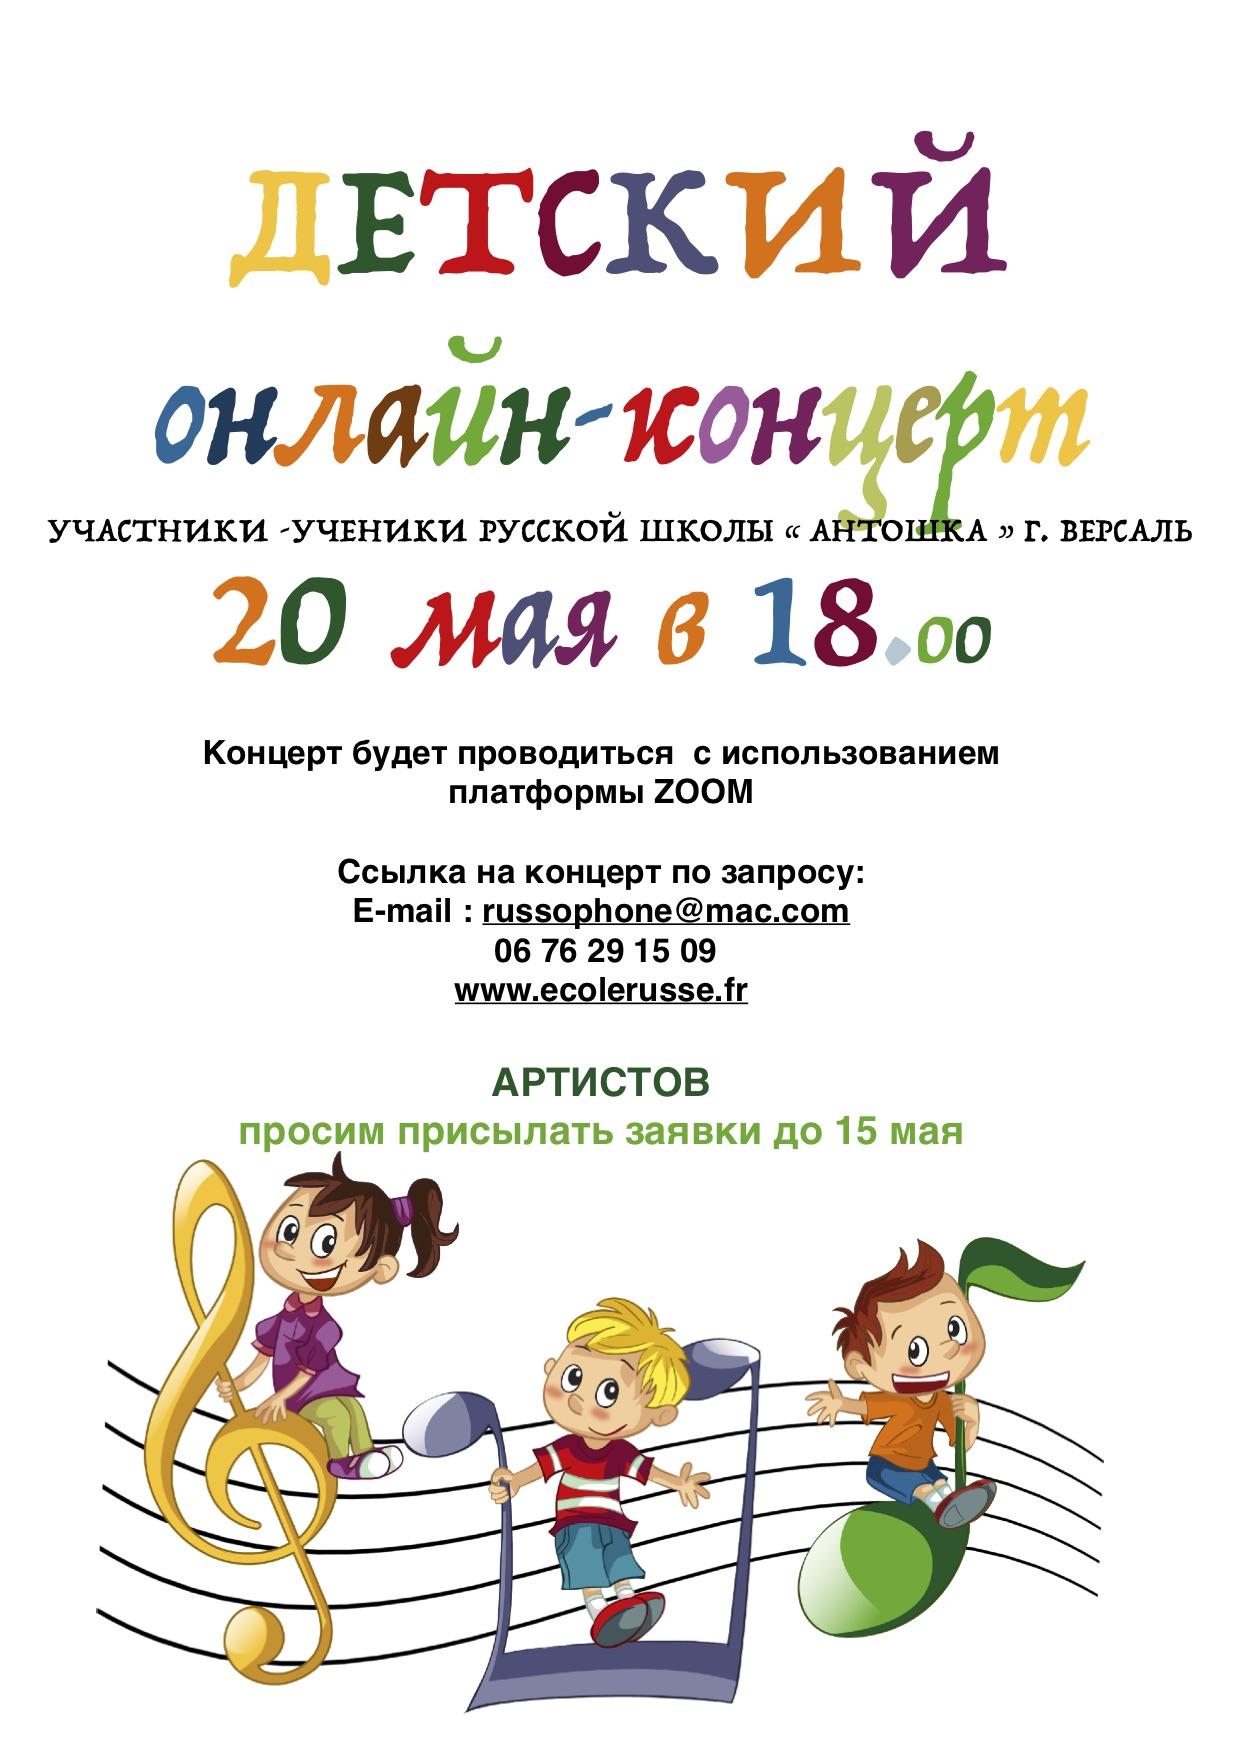 Детский онлайн-концерт 20 мая в 18.00